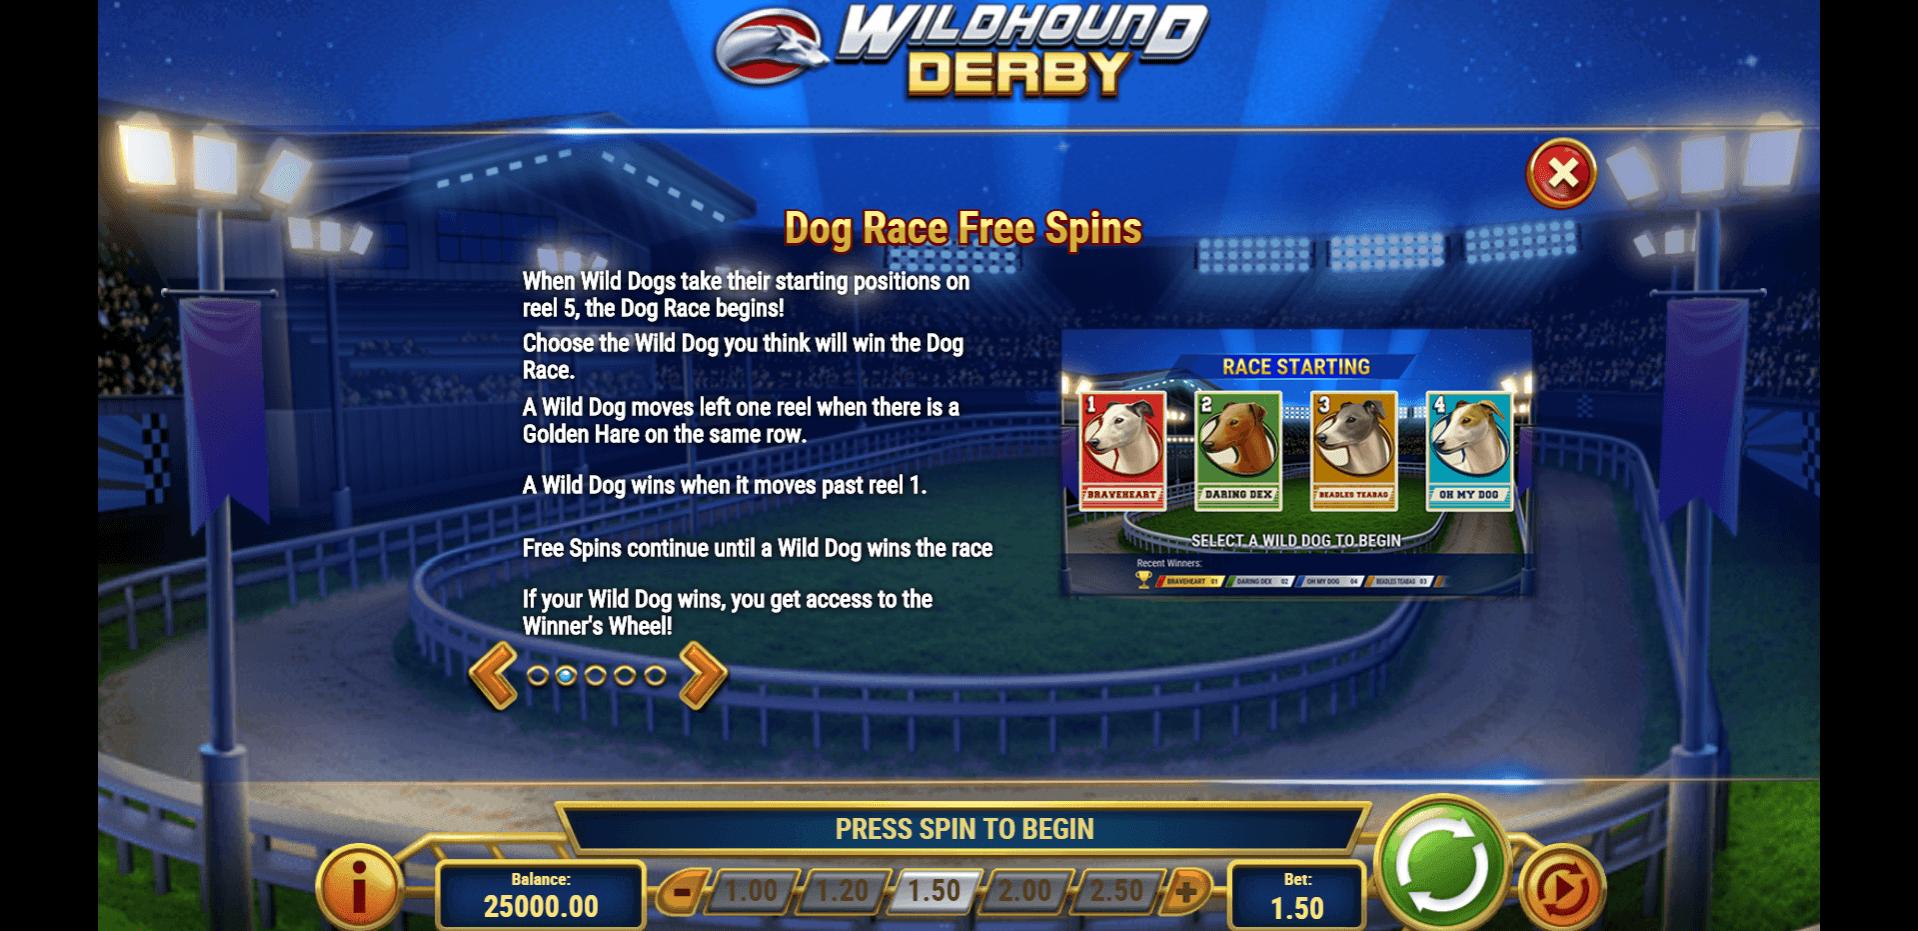 Wildhound Derby Slot Machine